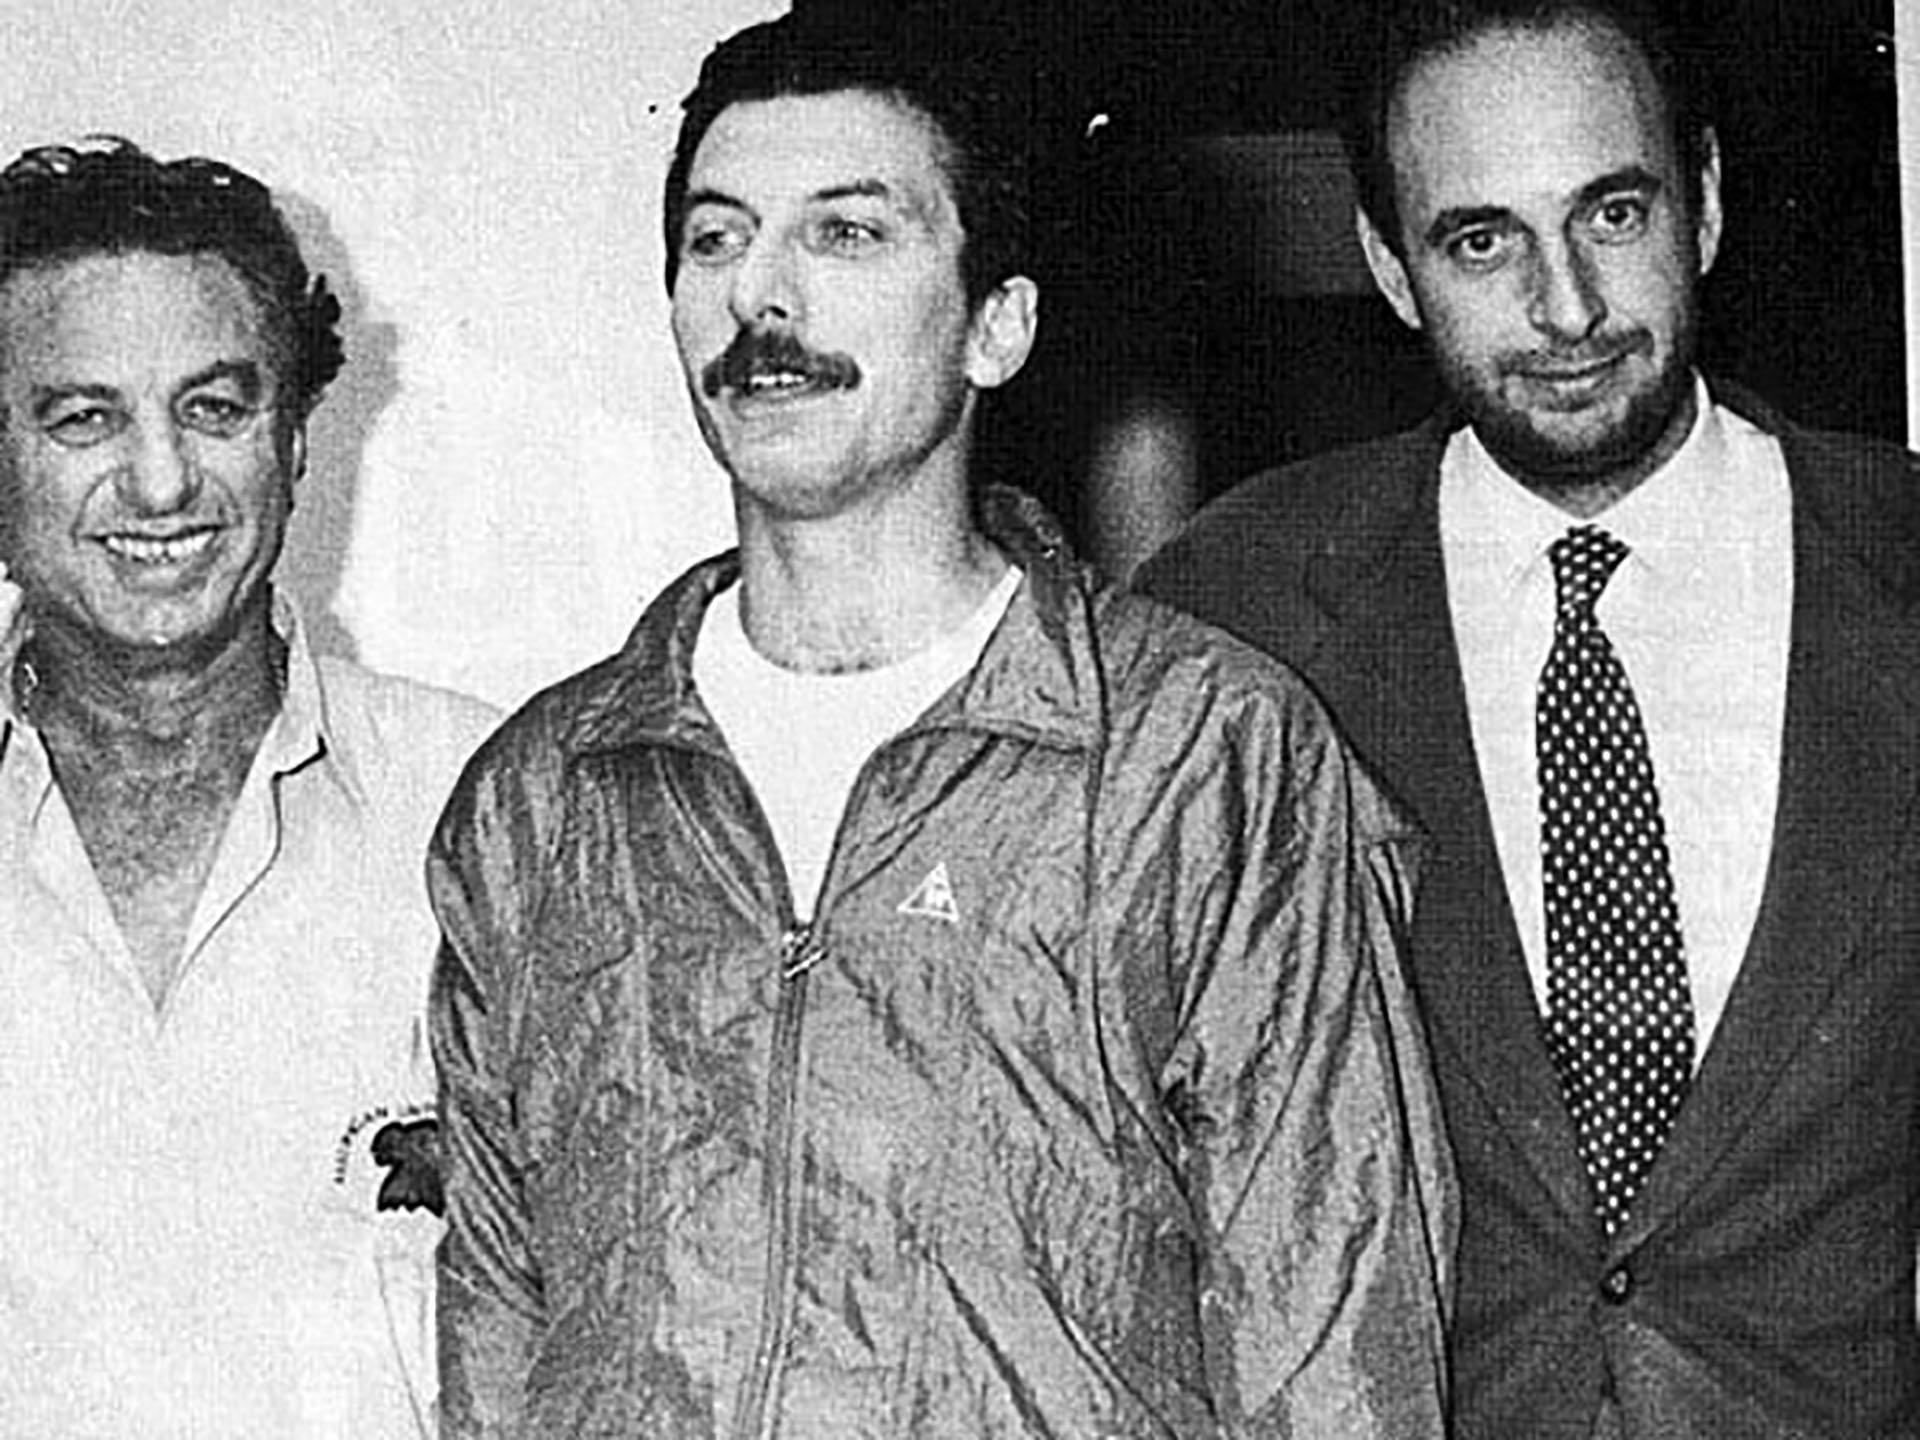 En agosto de 1991 su hijo, Mauricio, fue secuestrado. Pagó una importante suma de dinero por su rescate (DyN)